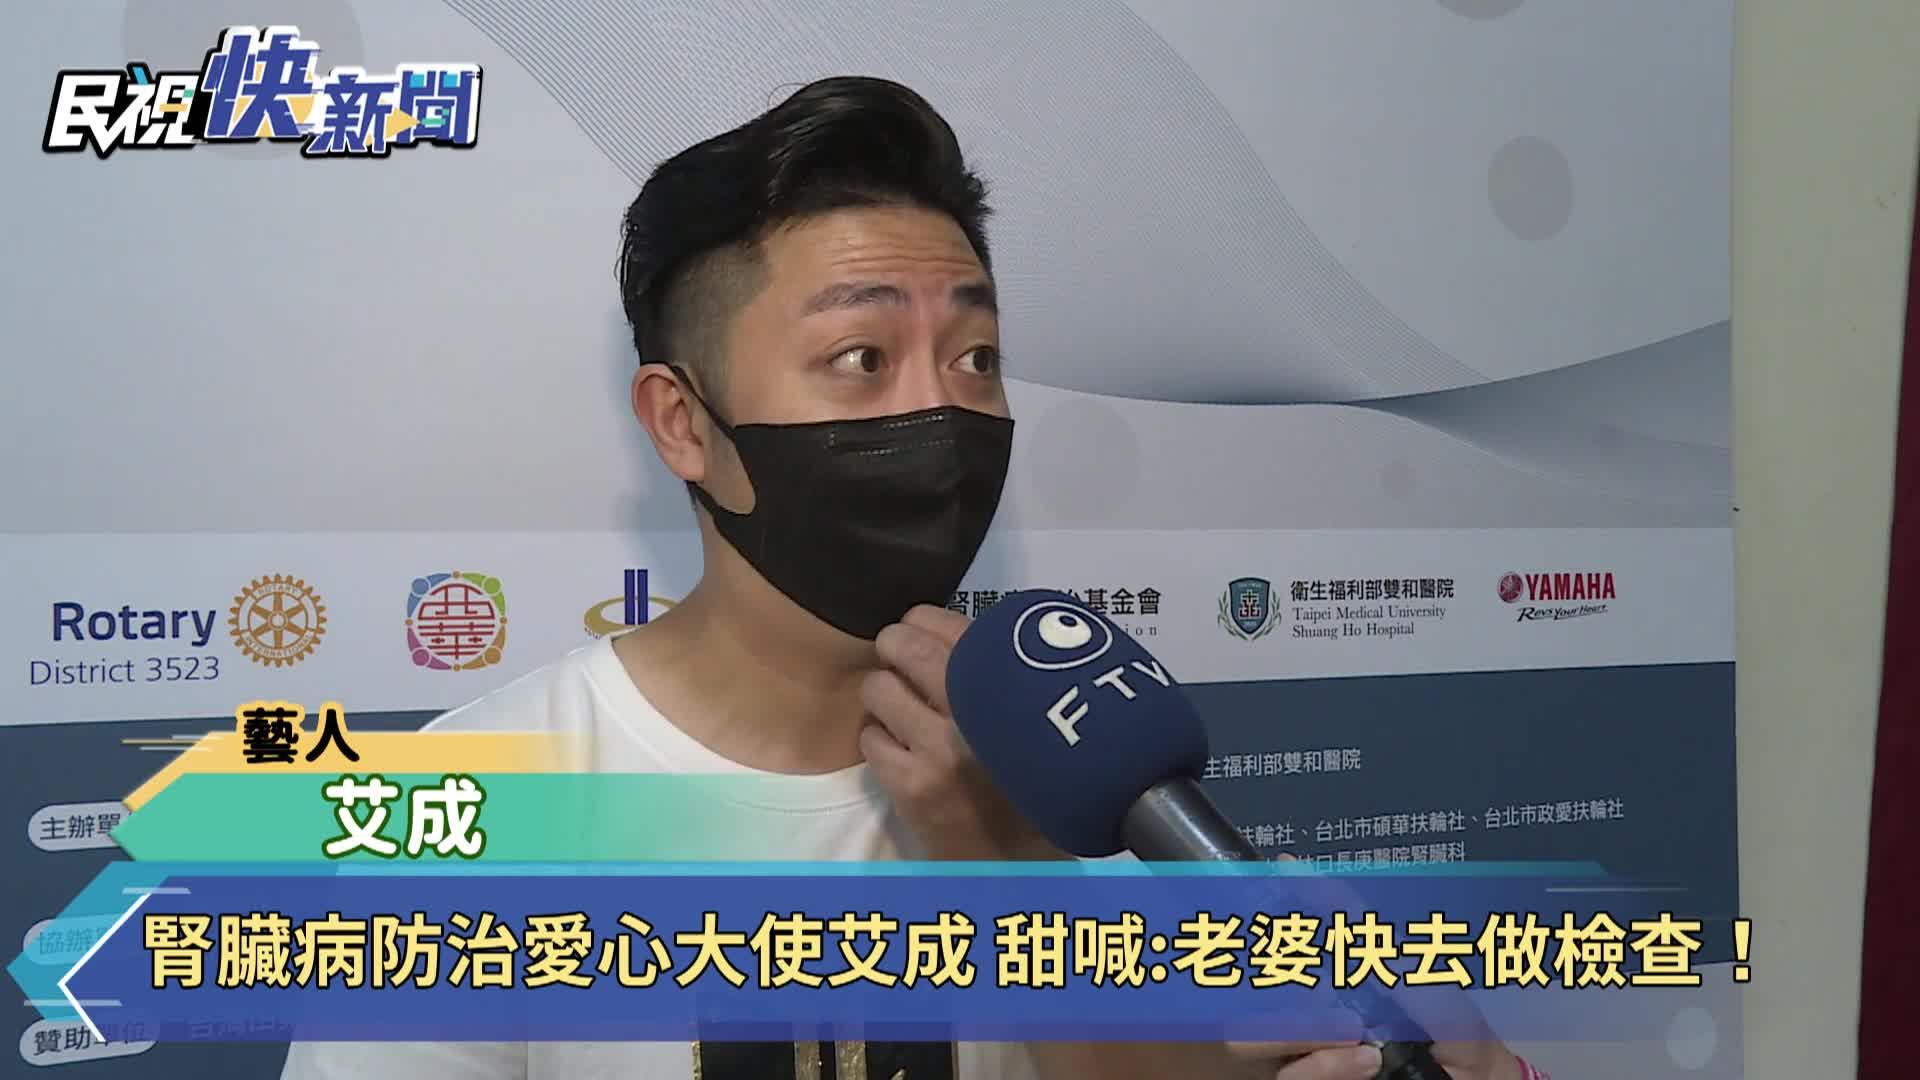 腎臟病防治愛心大使艾成 甜喊:老婆快去做檢查!